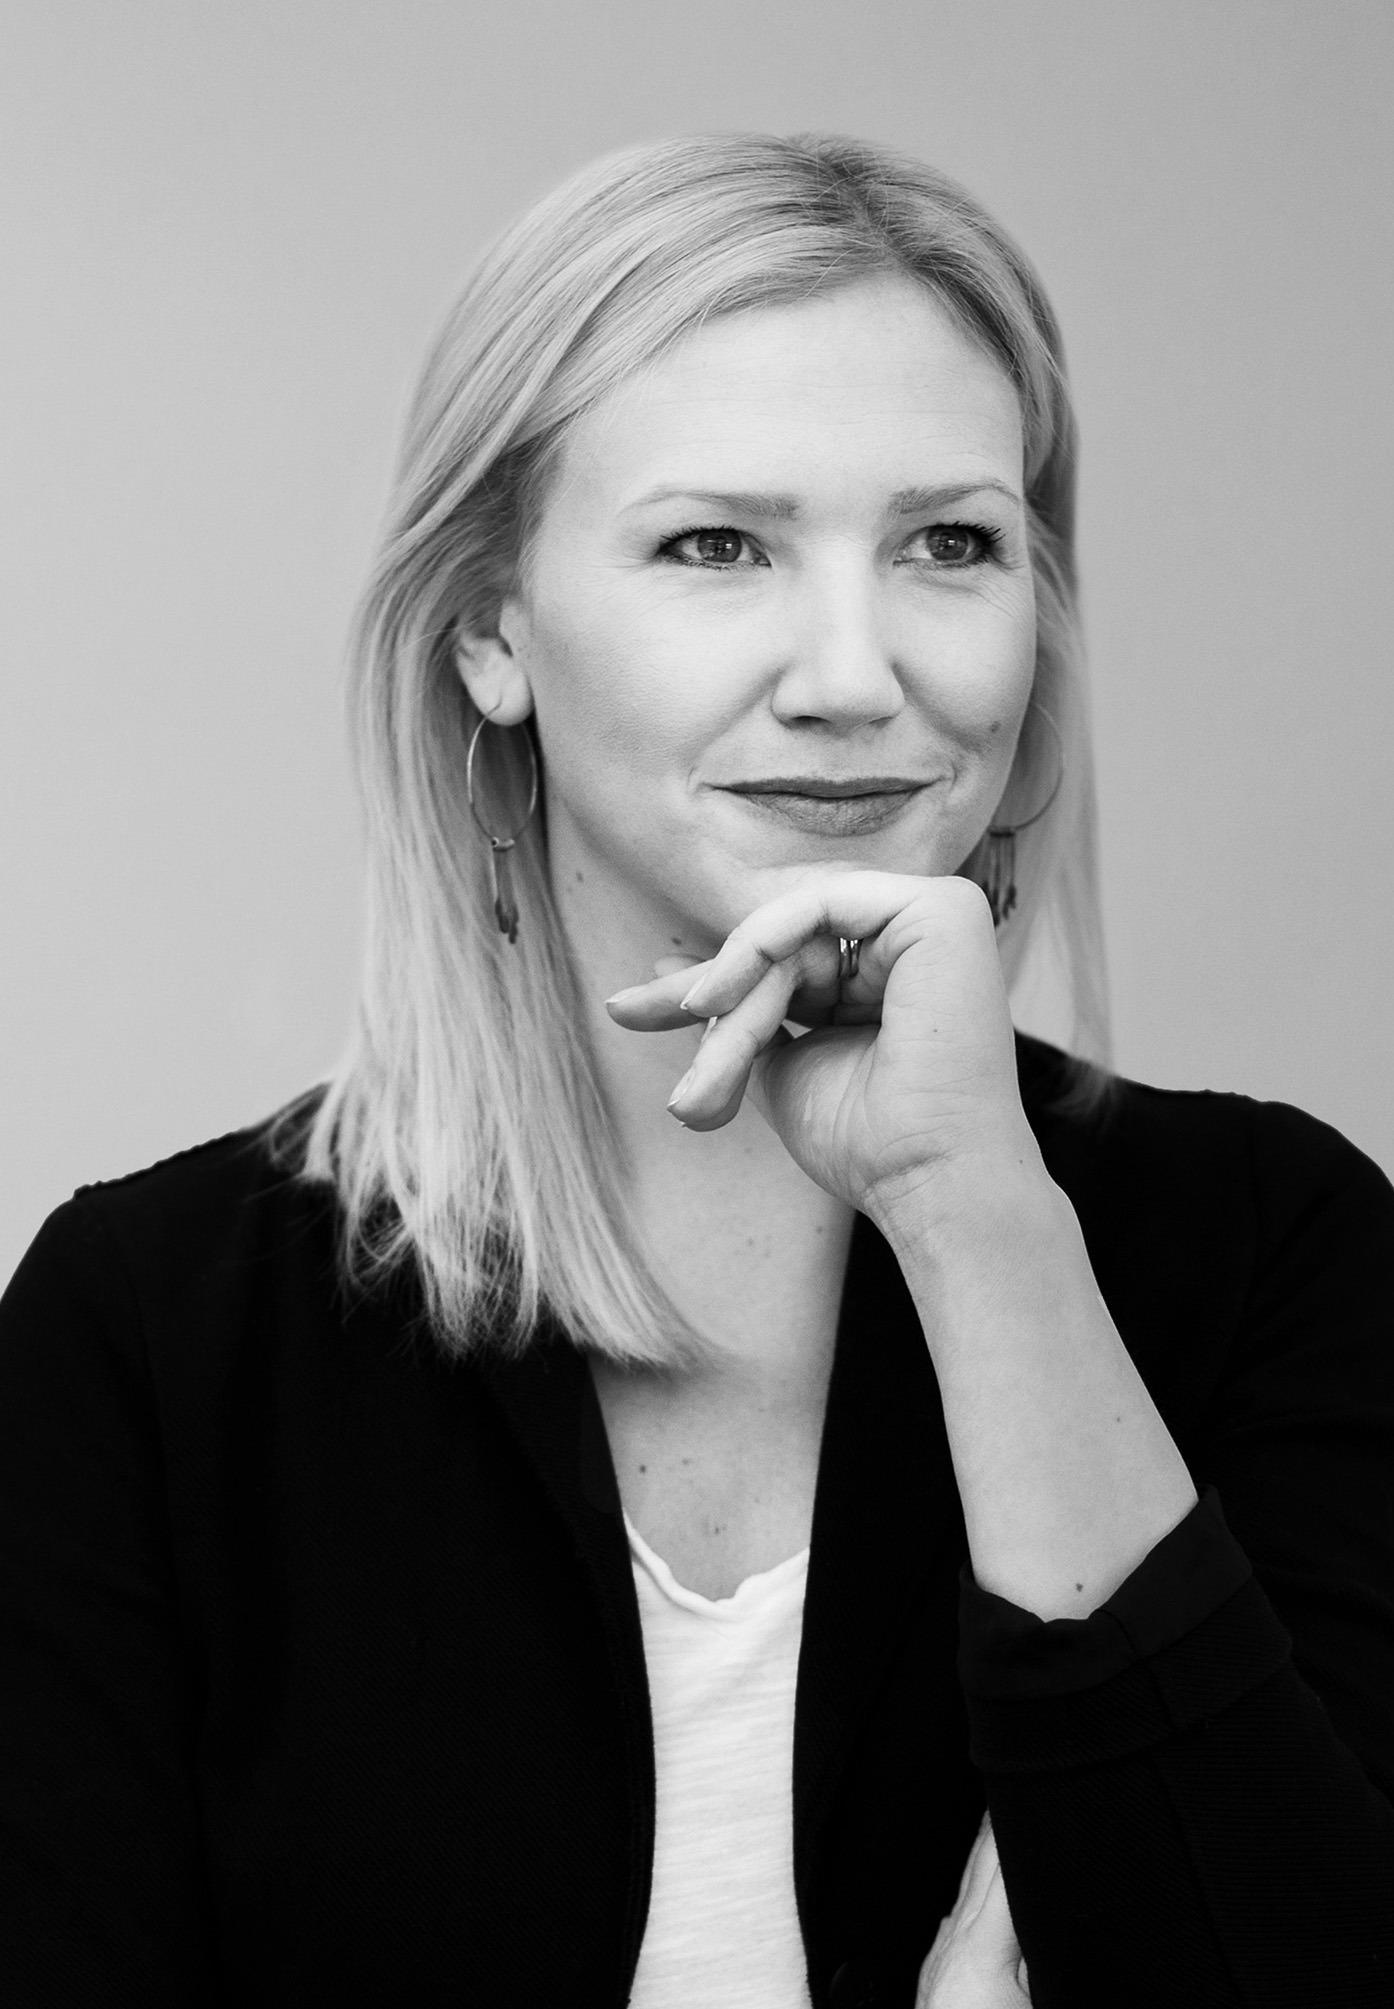 Nina Plass